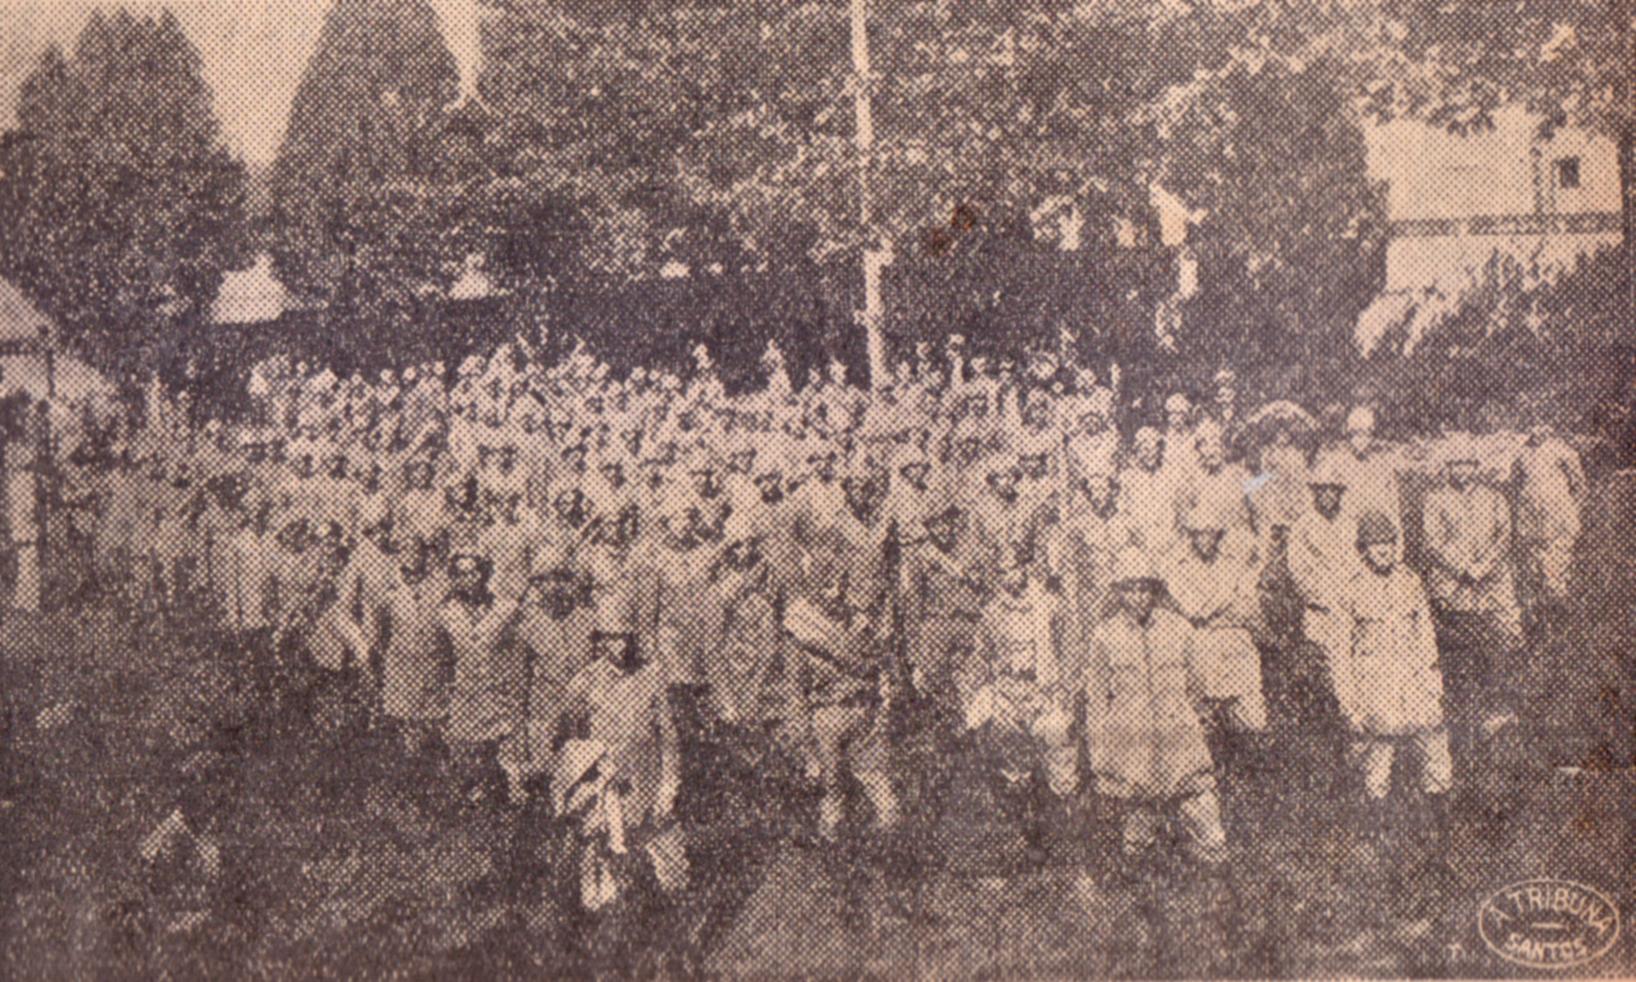 Soldados dos Tiros de Guerra nº 11 e 598, que também integraram as tropas que deixaram a cidade de Santos.